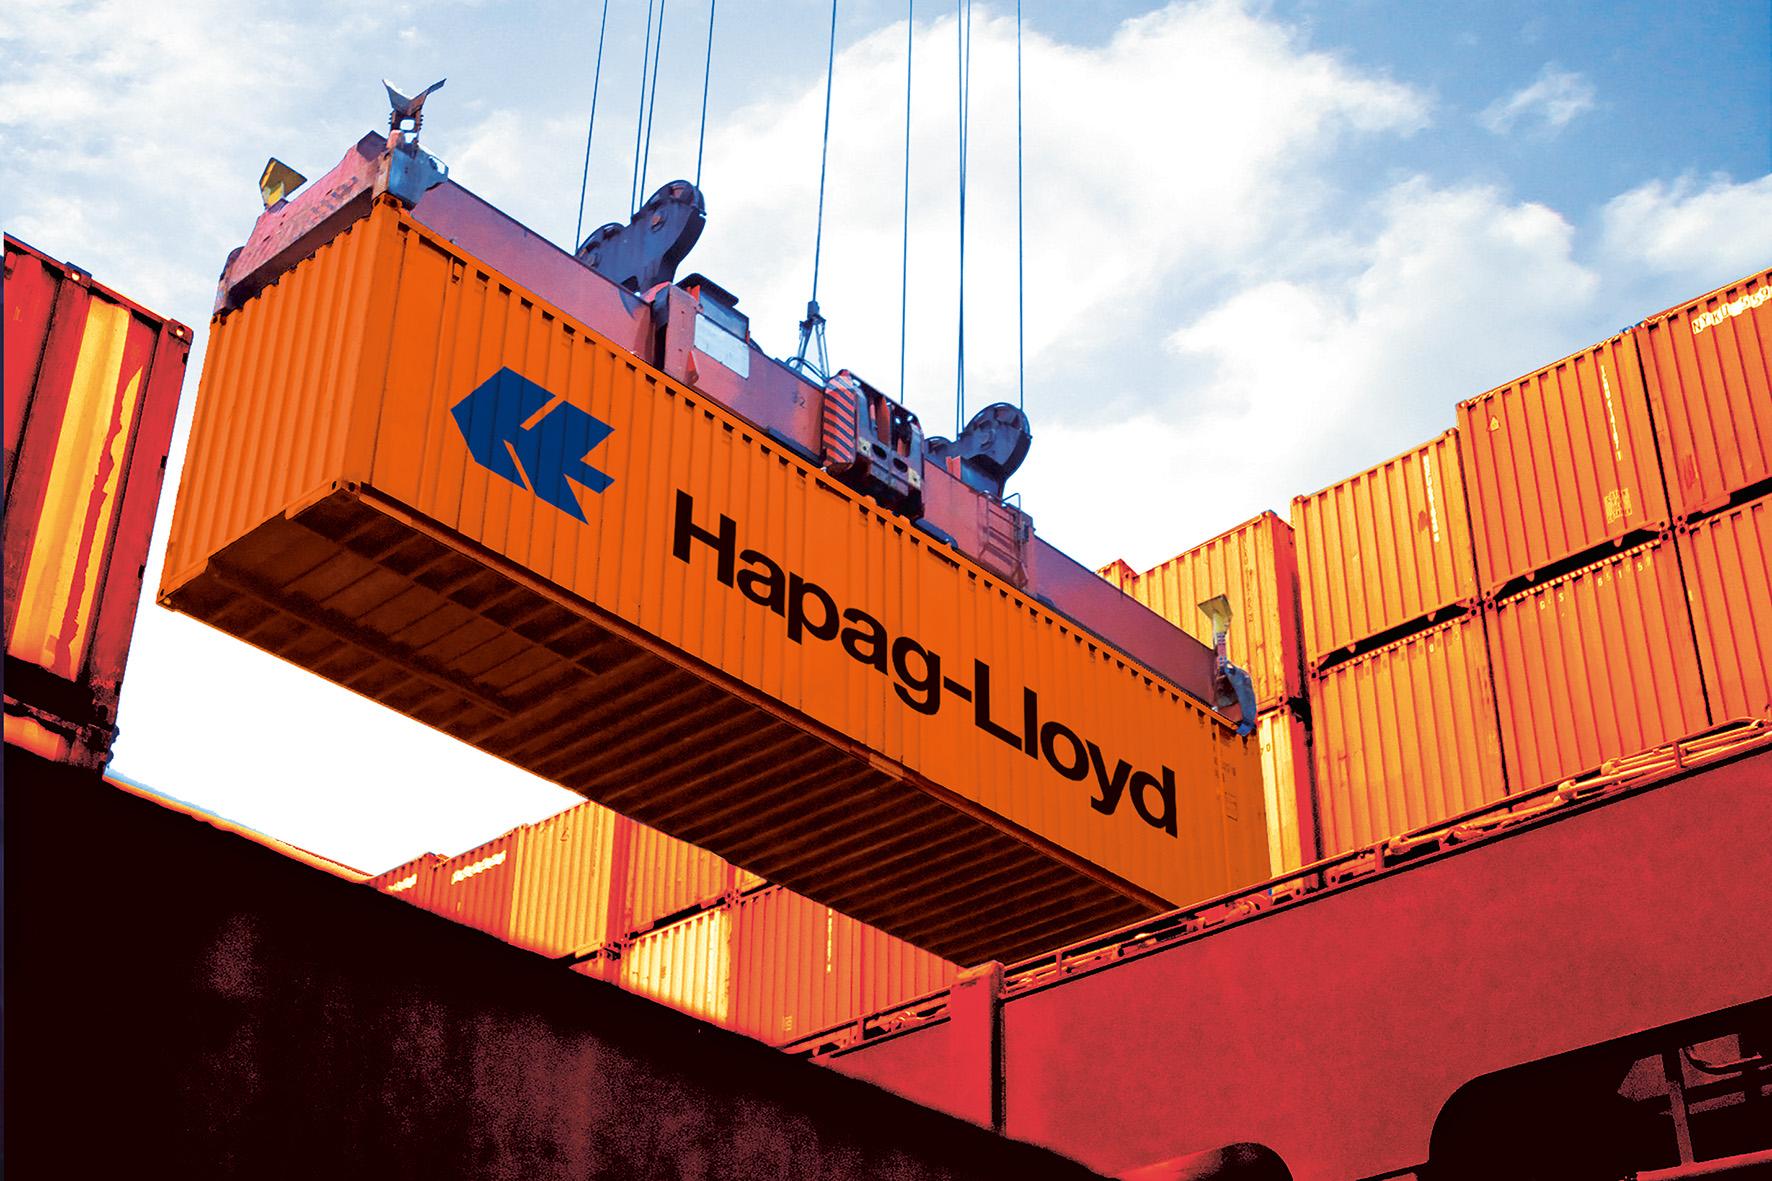 De 241 schepen van de rederij uit Hamburg kunnen samen 1,7 miljoen TEU aan containers vervoeren.